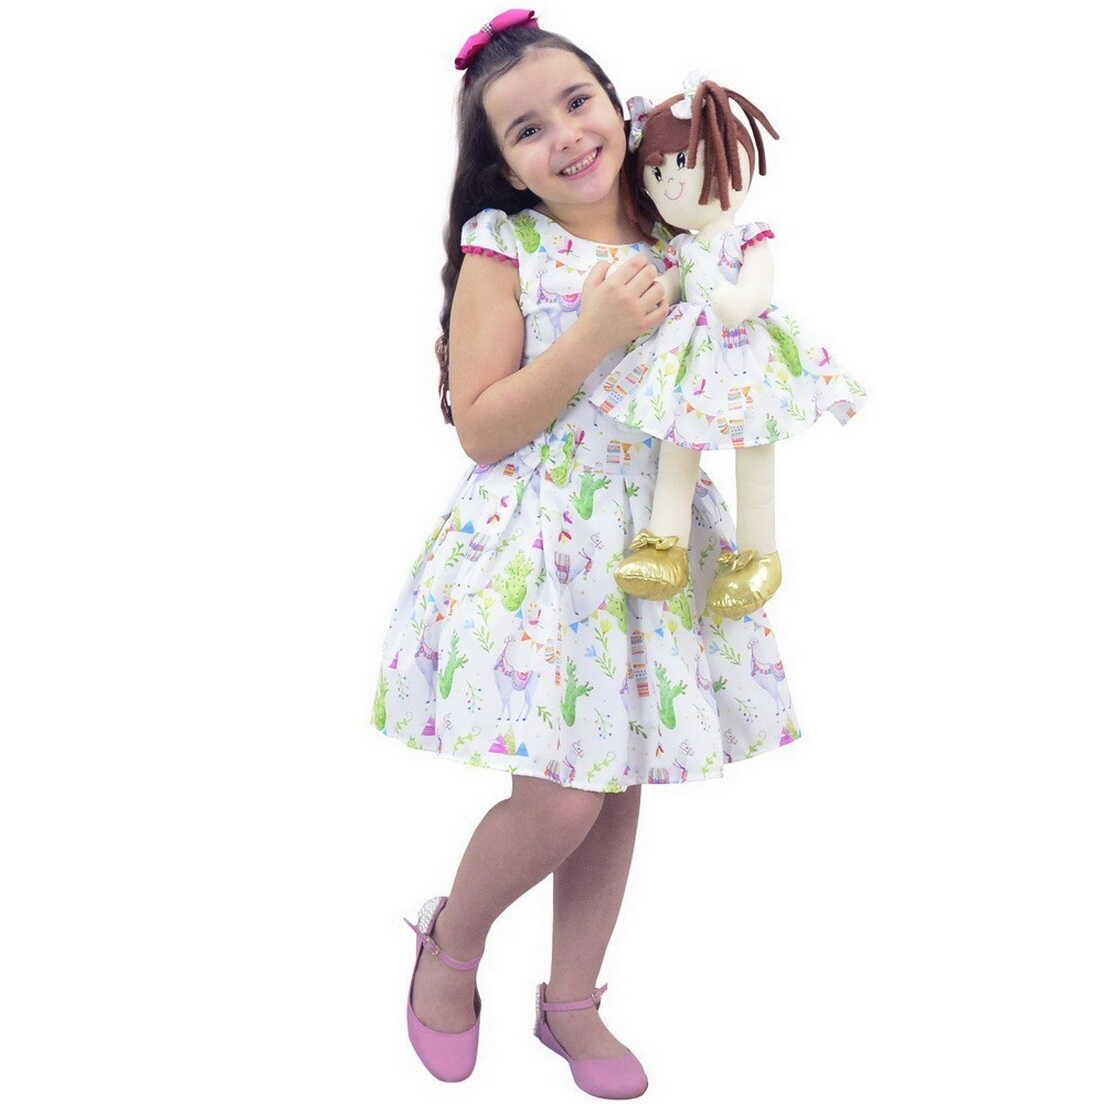 Tal Menina Tal Boneca - Vestido Com Lhamas e Boneca de Pano